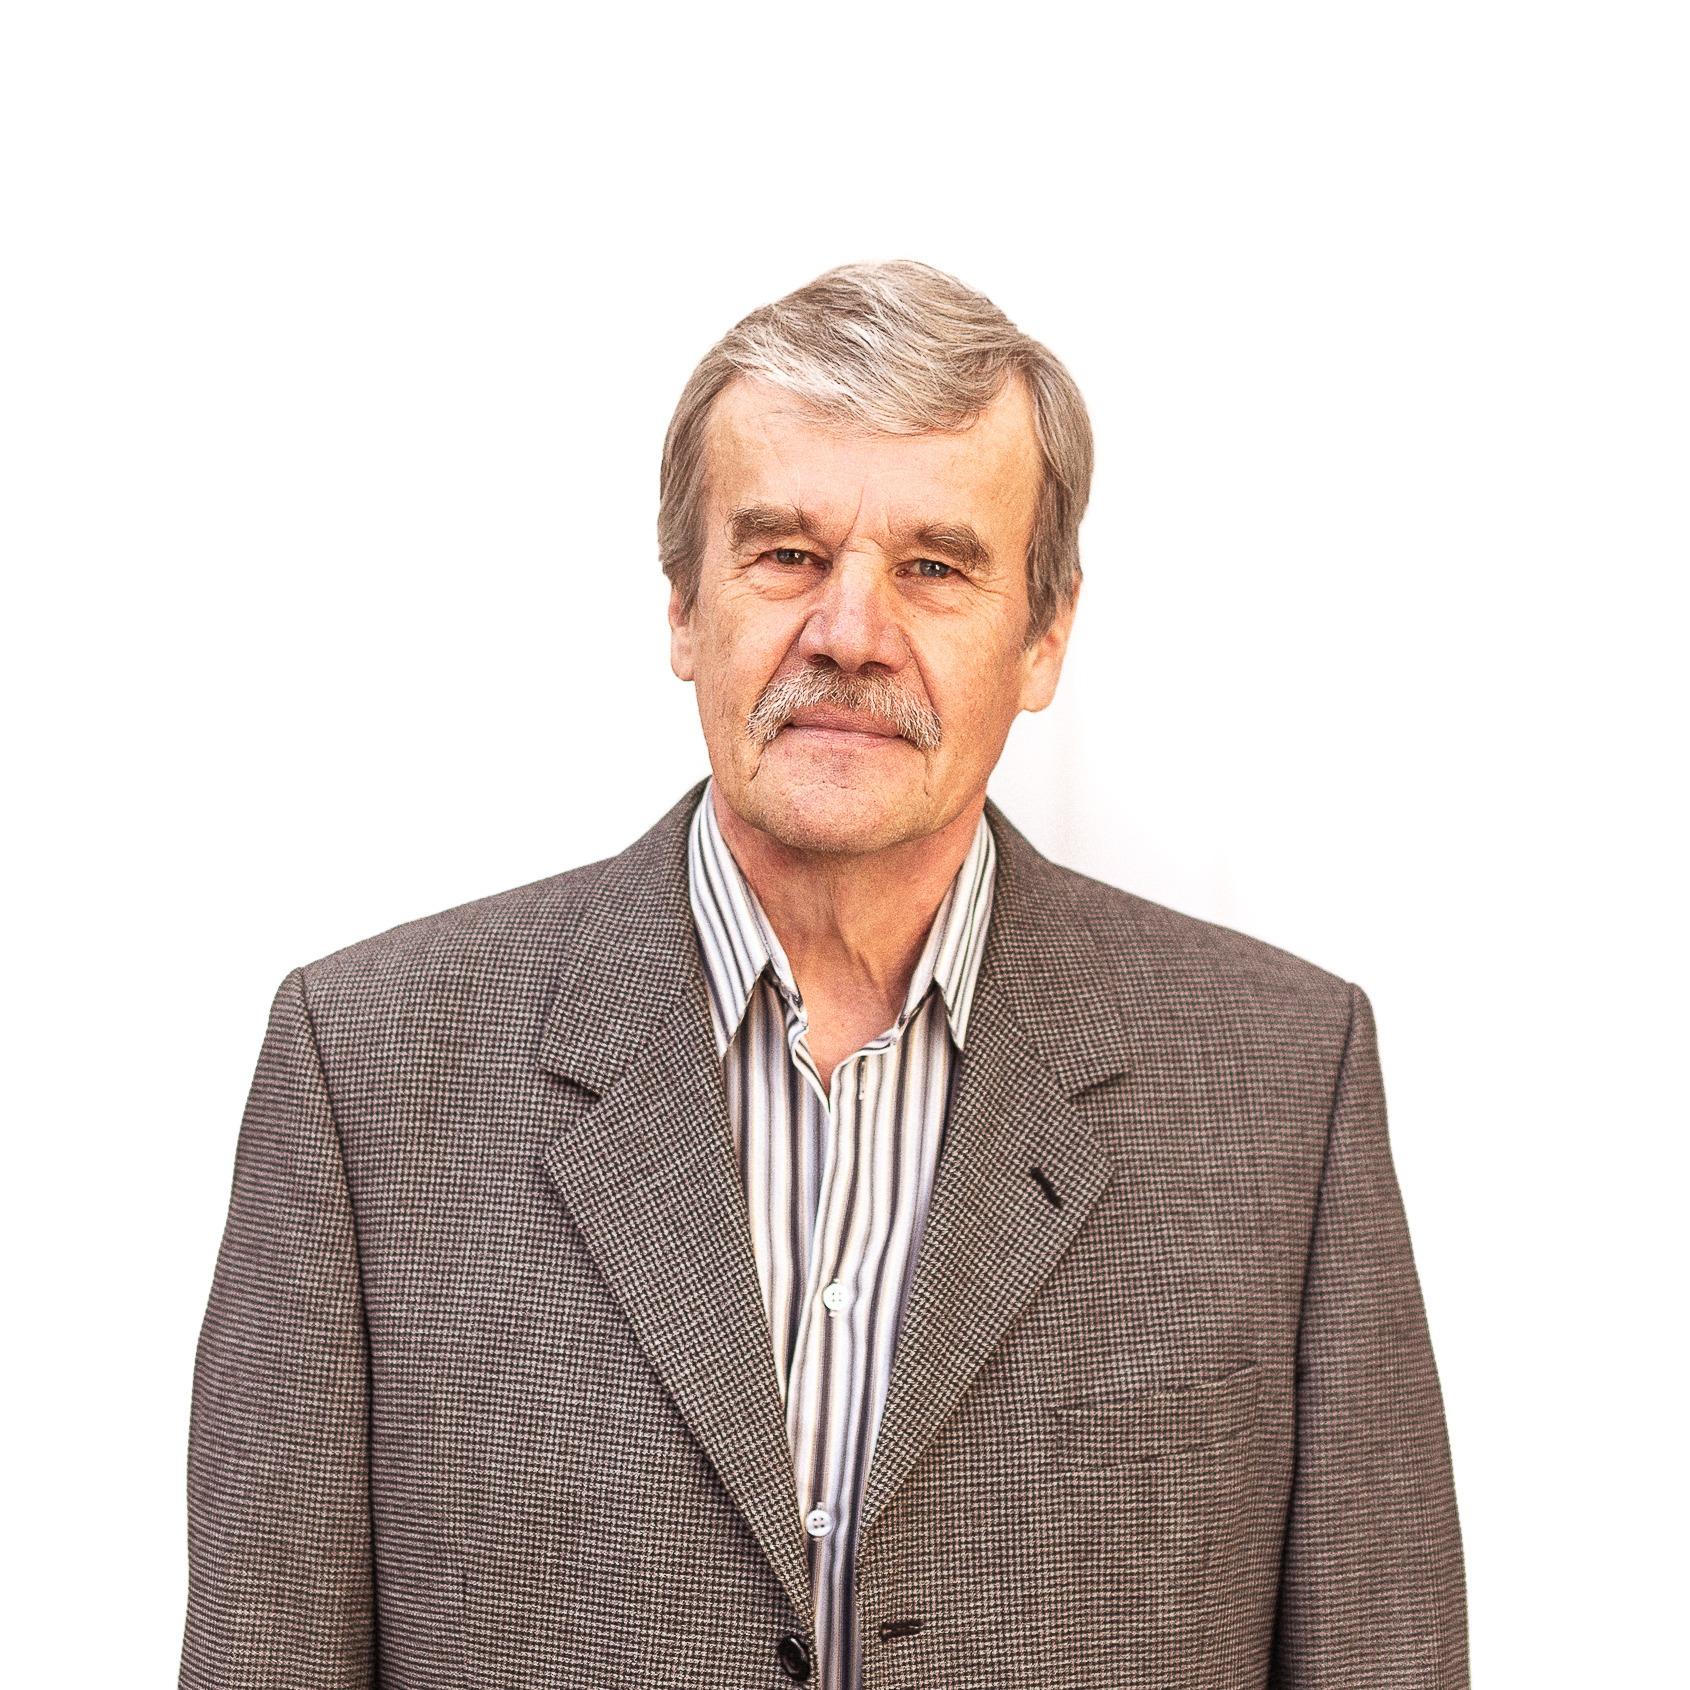 Pekka Majamäki